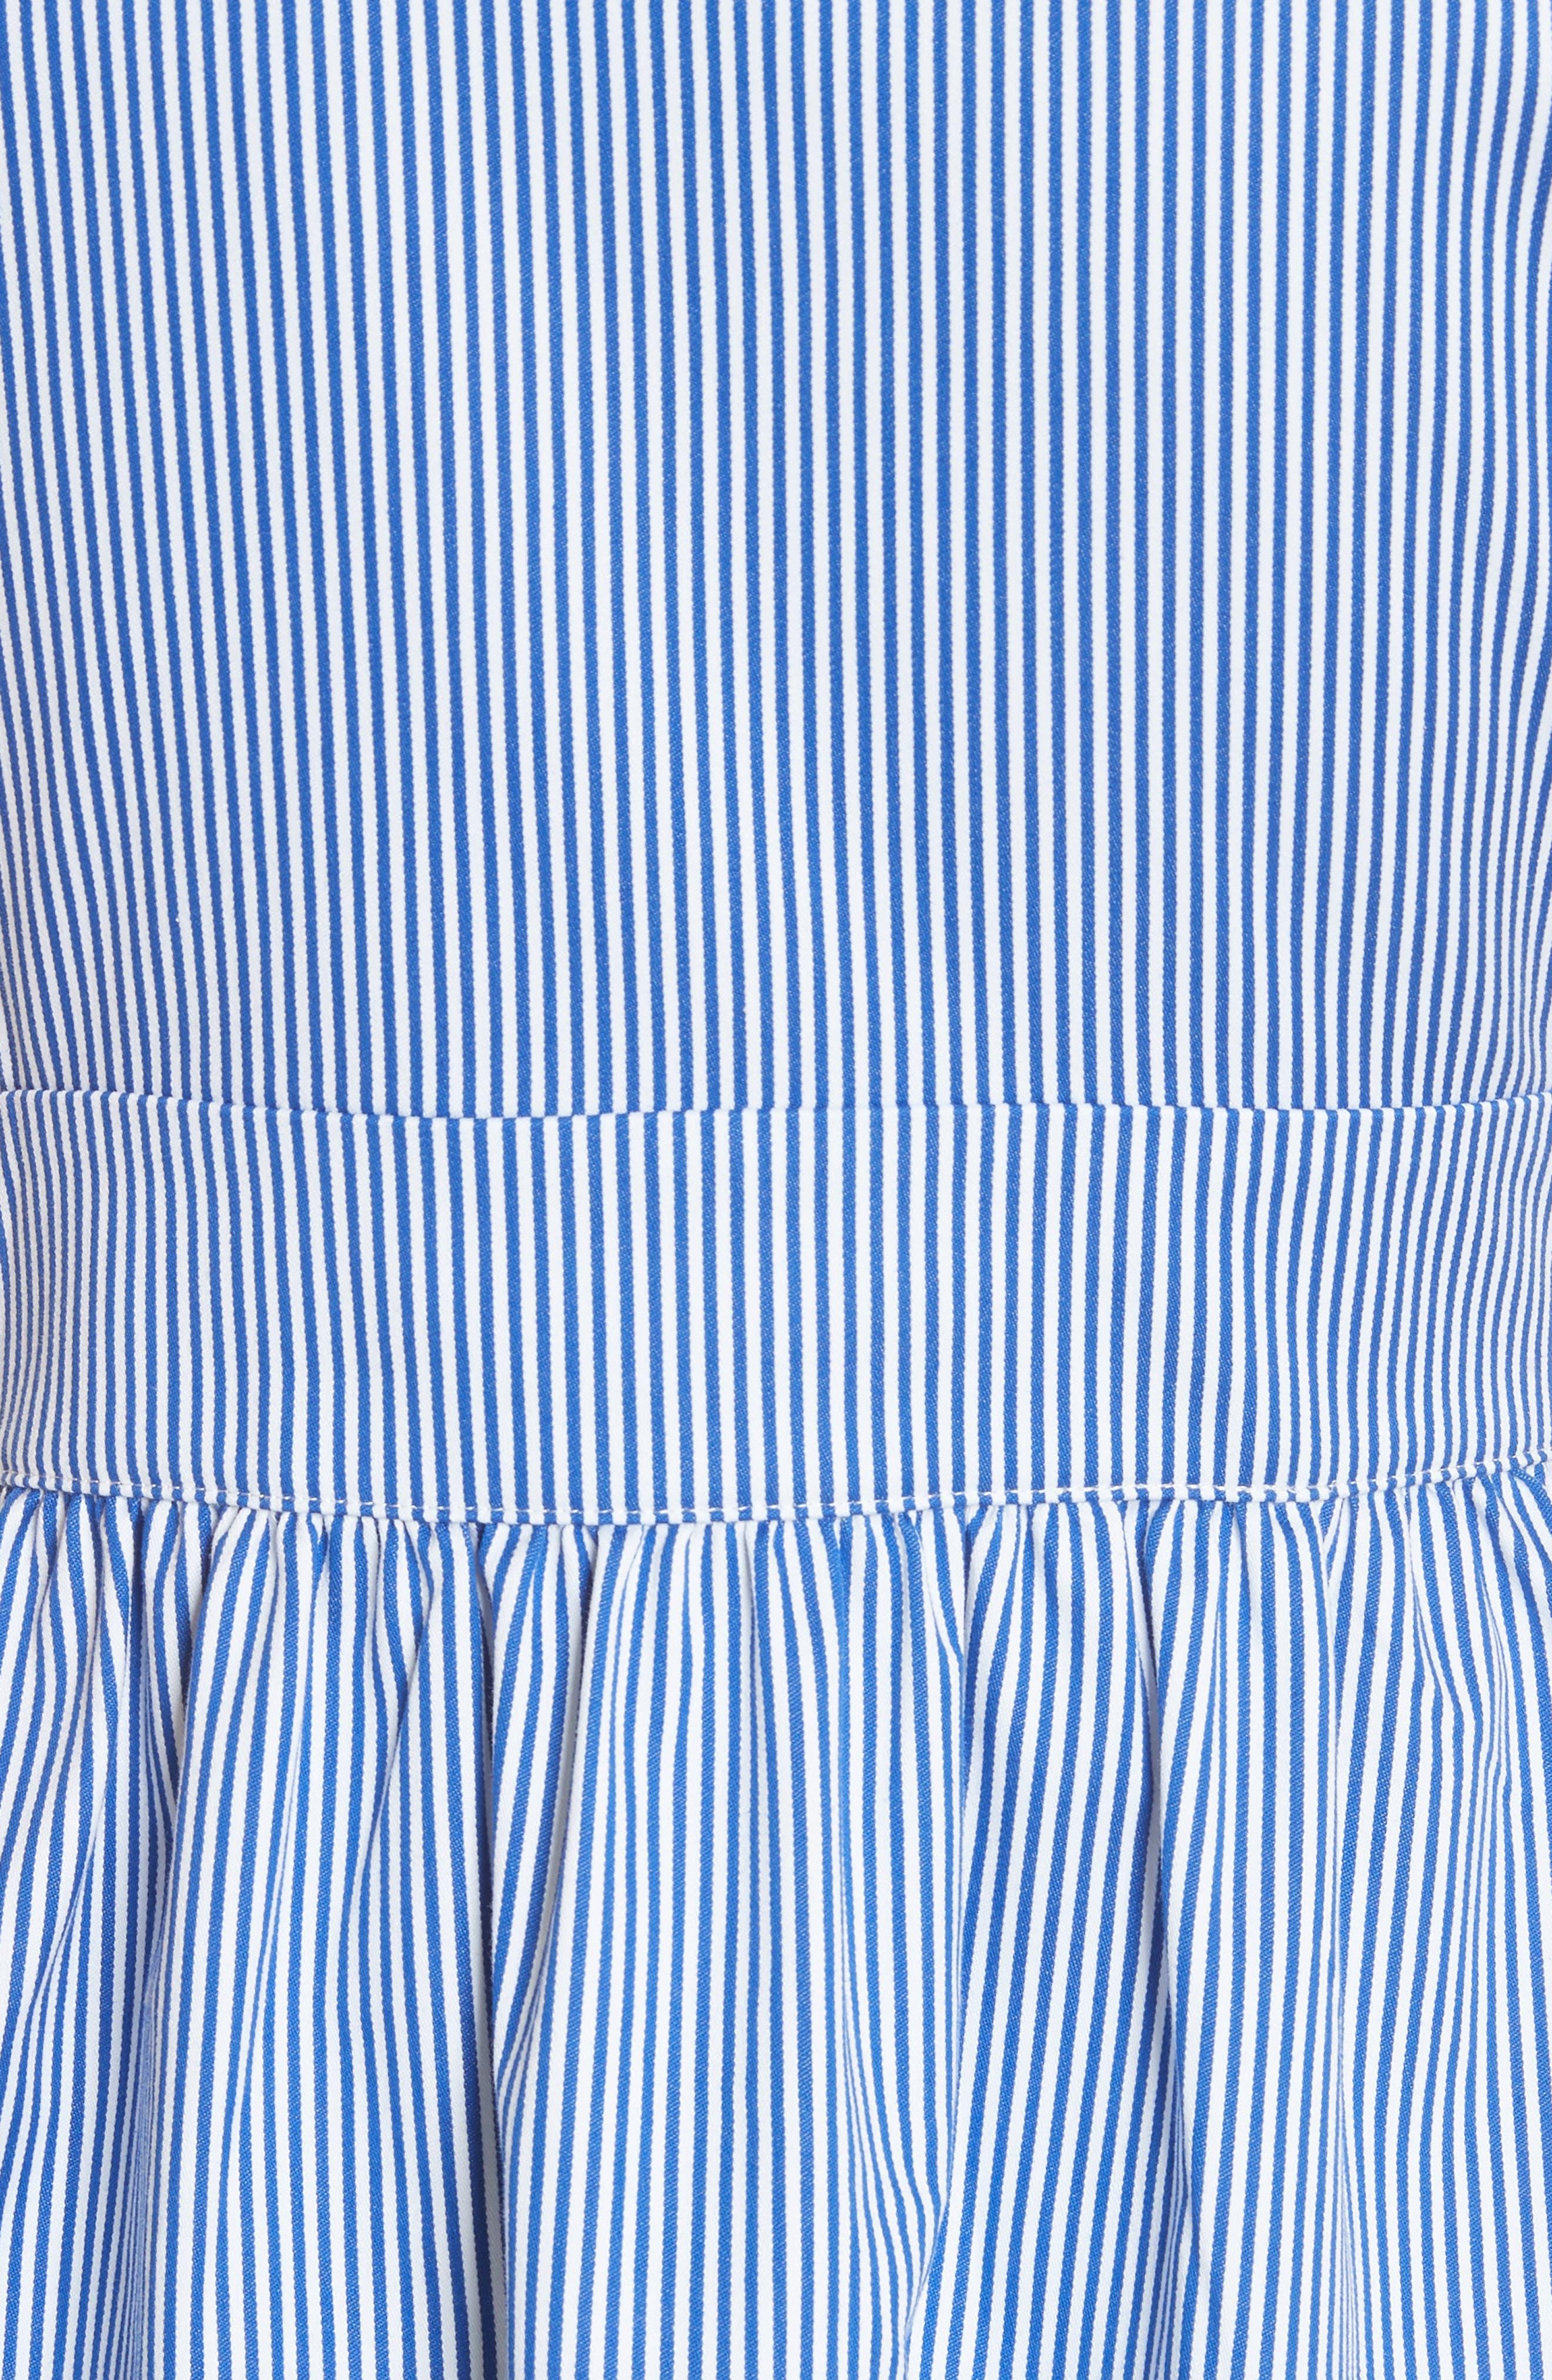 Stripe Frill Bib Fit & Flare Dress,                             Alternate thumbnail 5, color,                             White